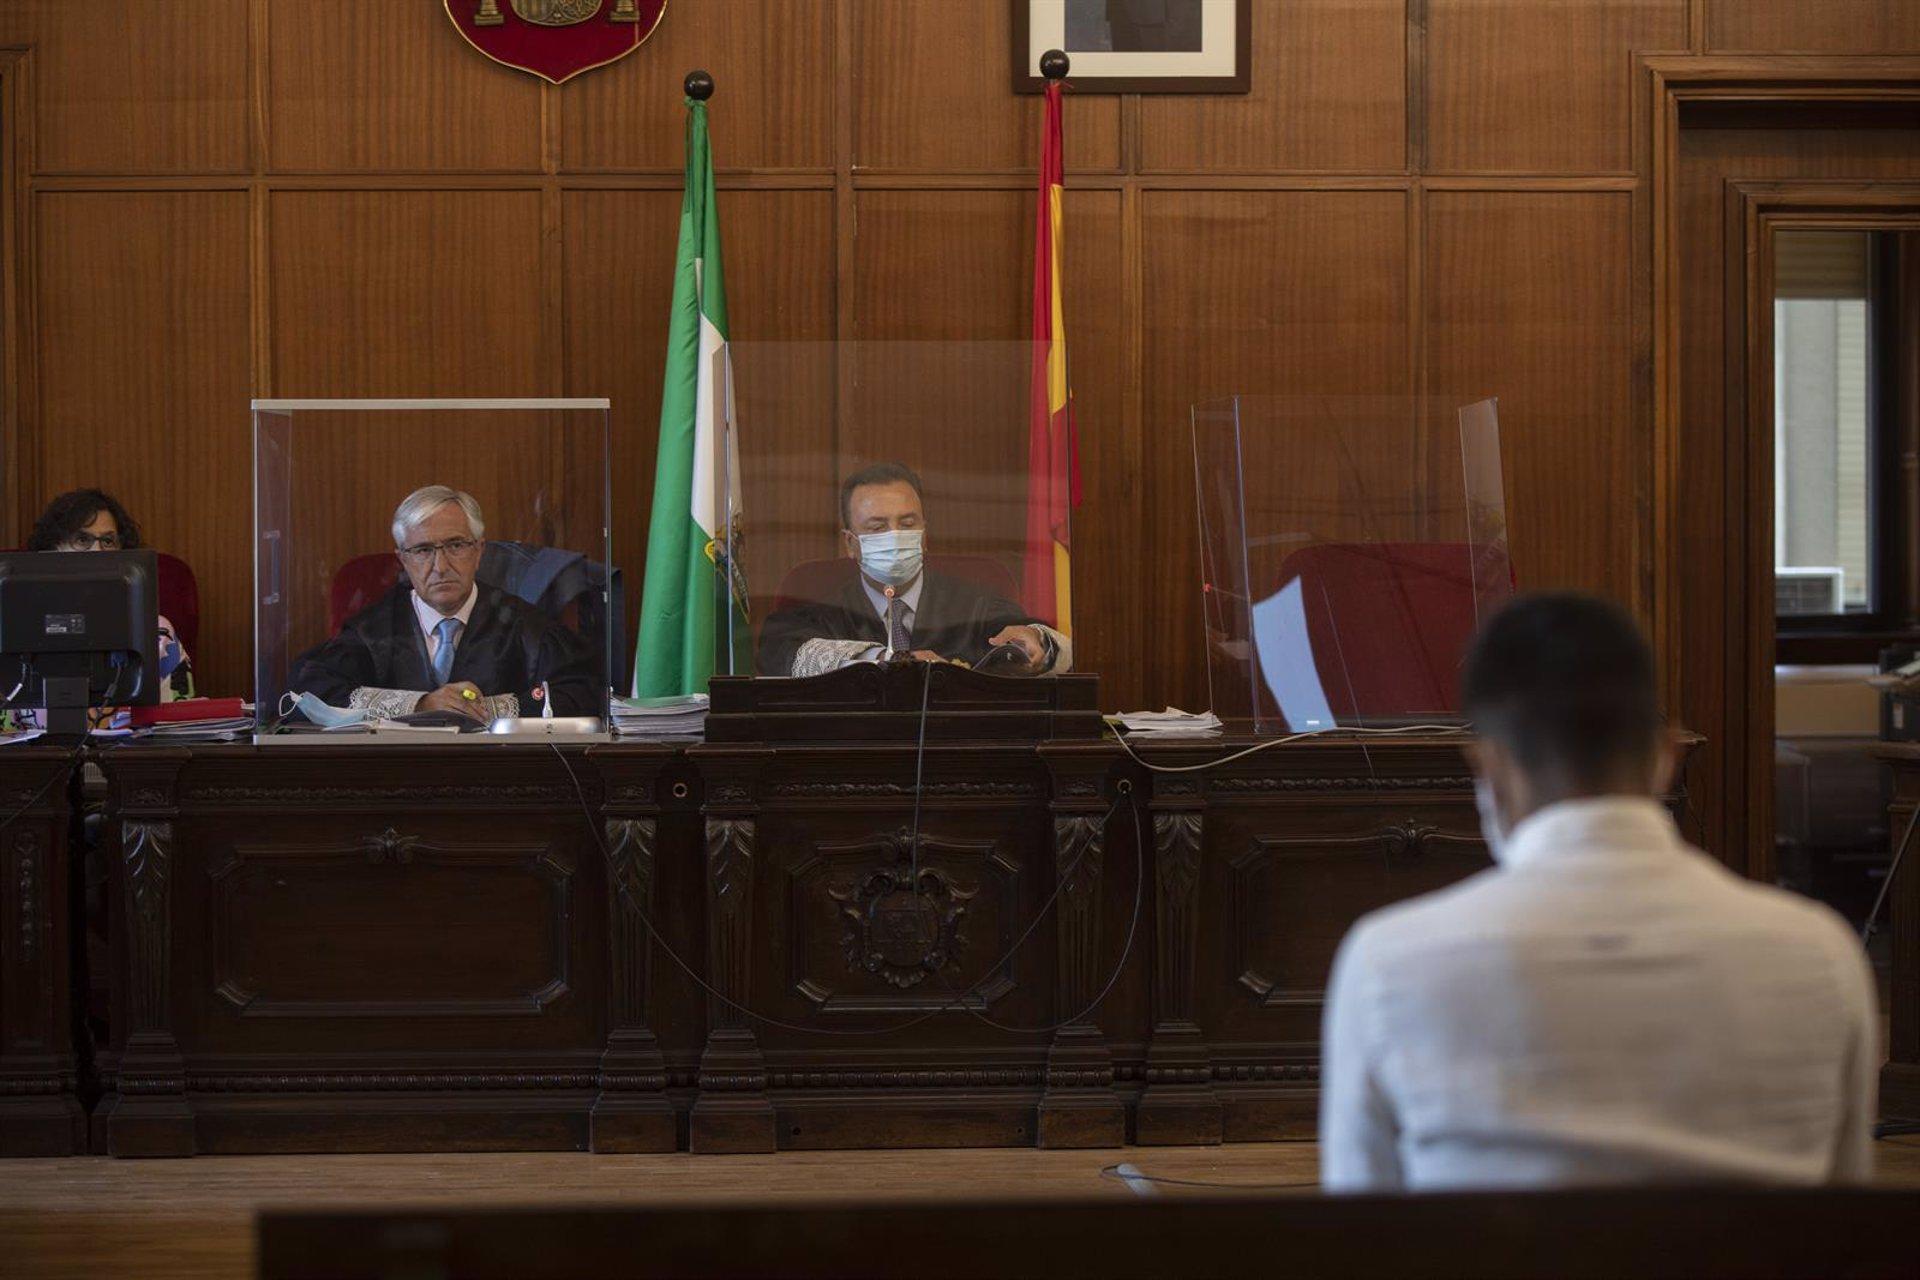 Sevilla.-Tribunales.-Condenado a once años de cárcel el joven acusado de asesinar en 2018 a su madre en Alcalá